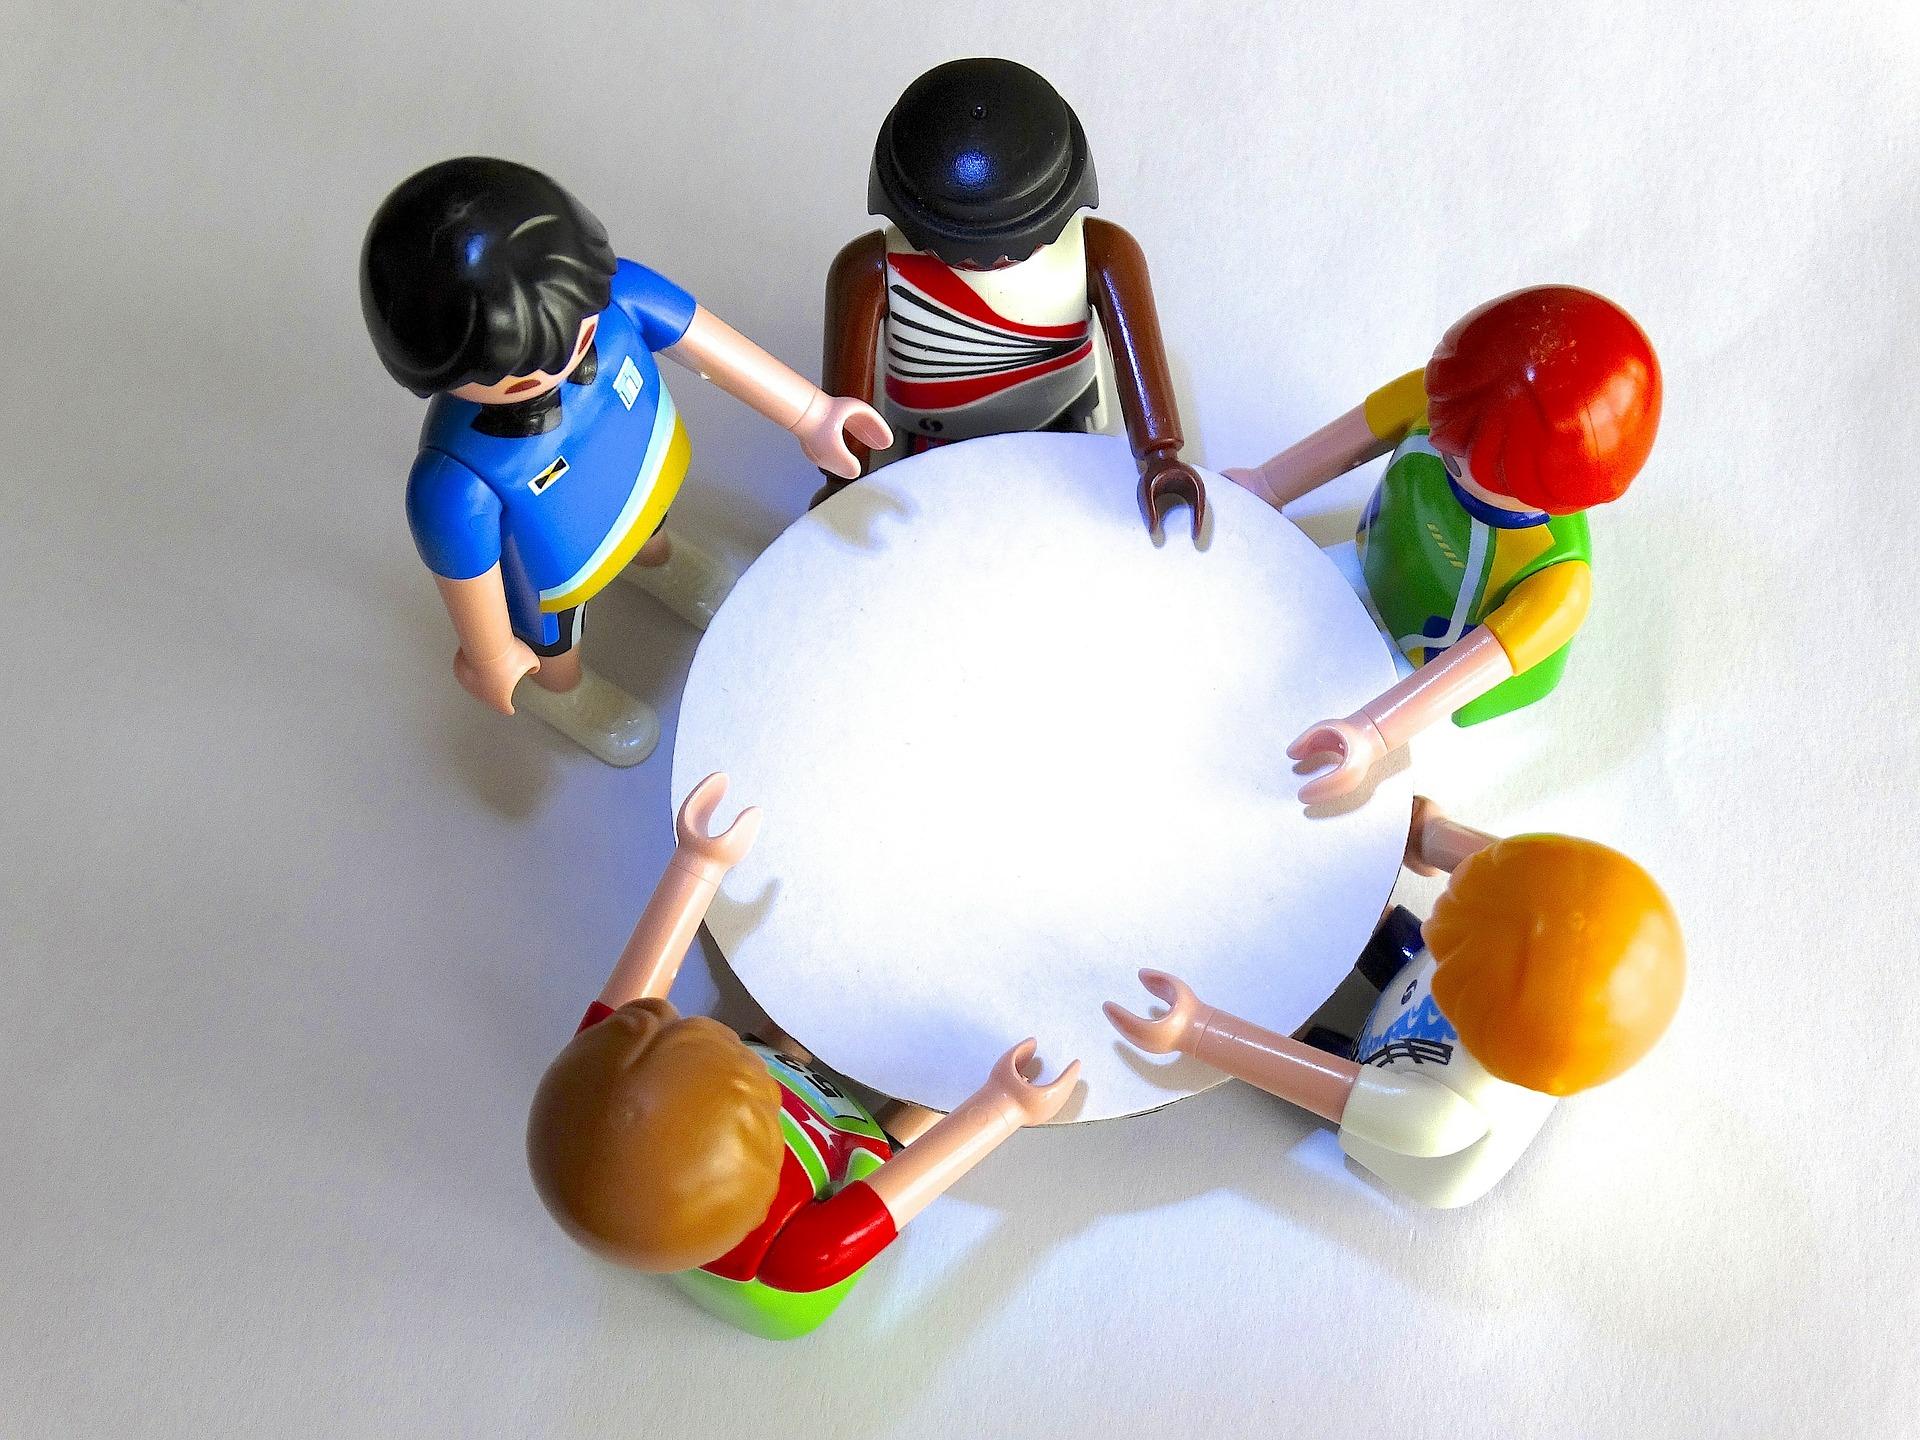 テーブルを囲む5体の人形